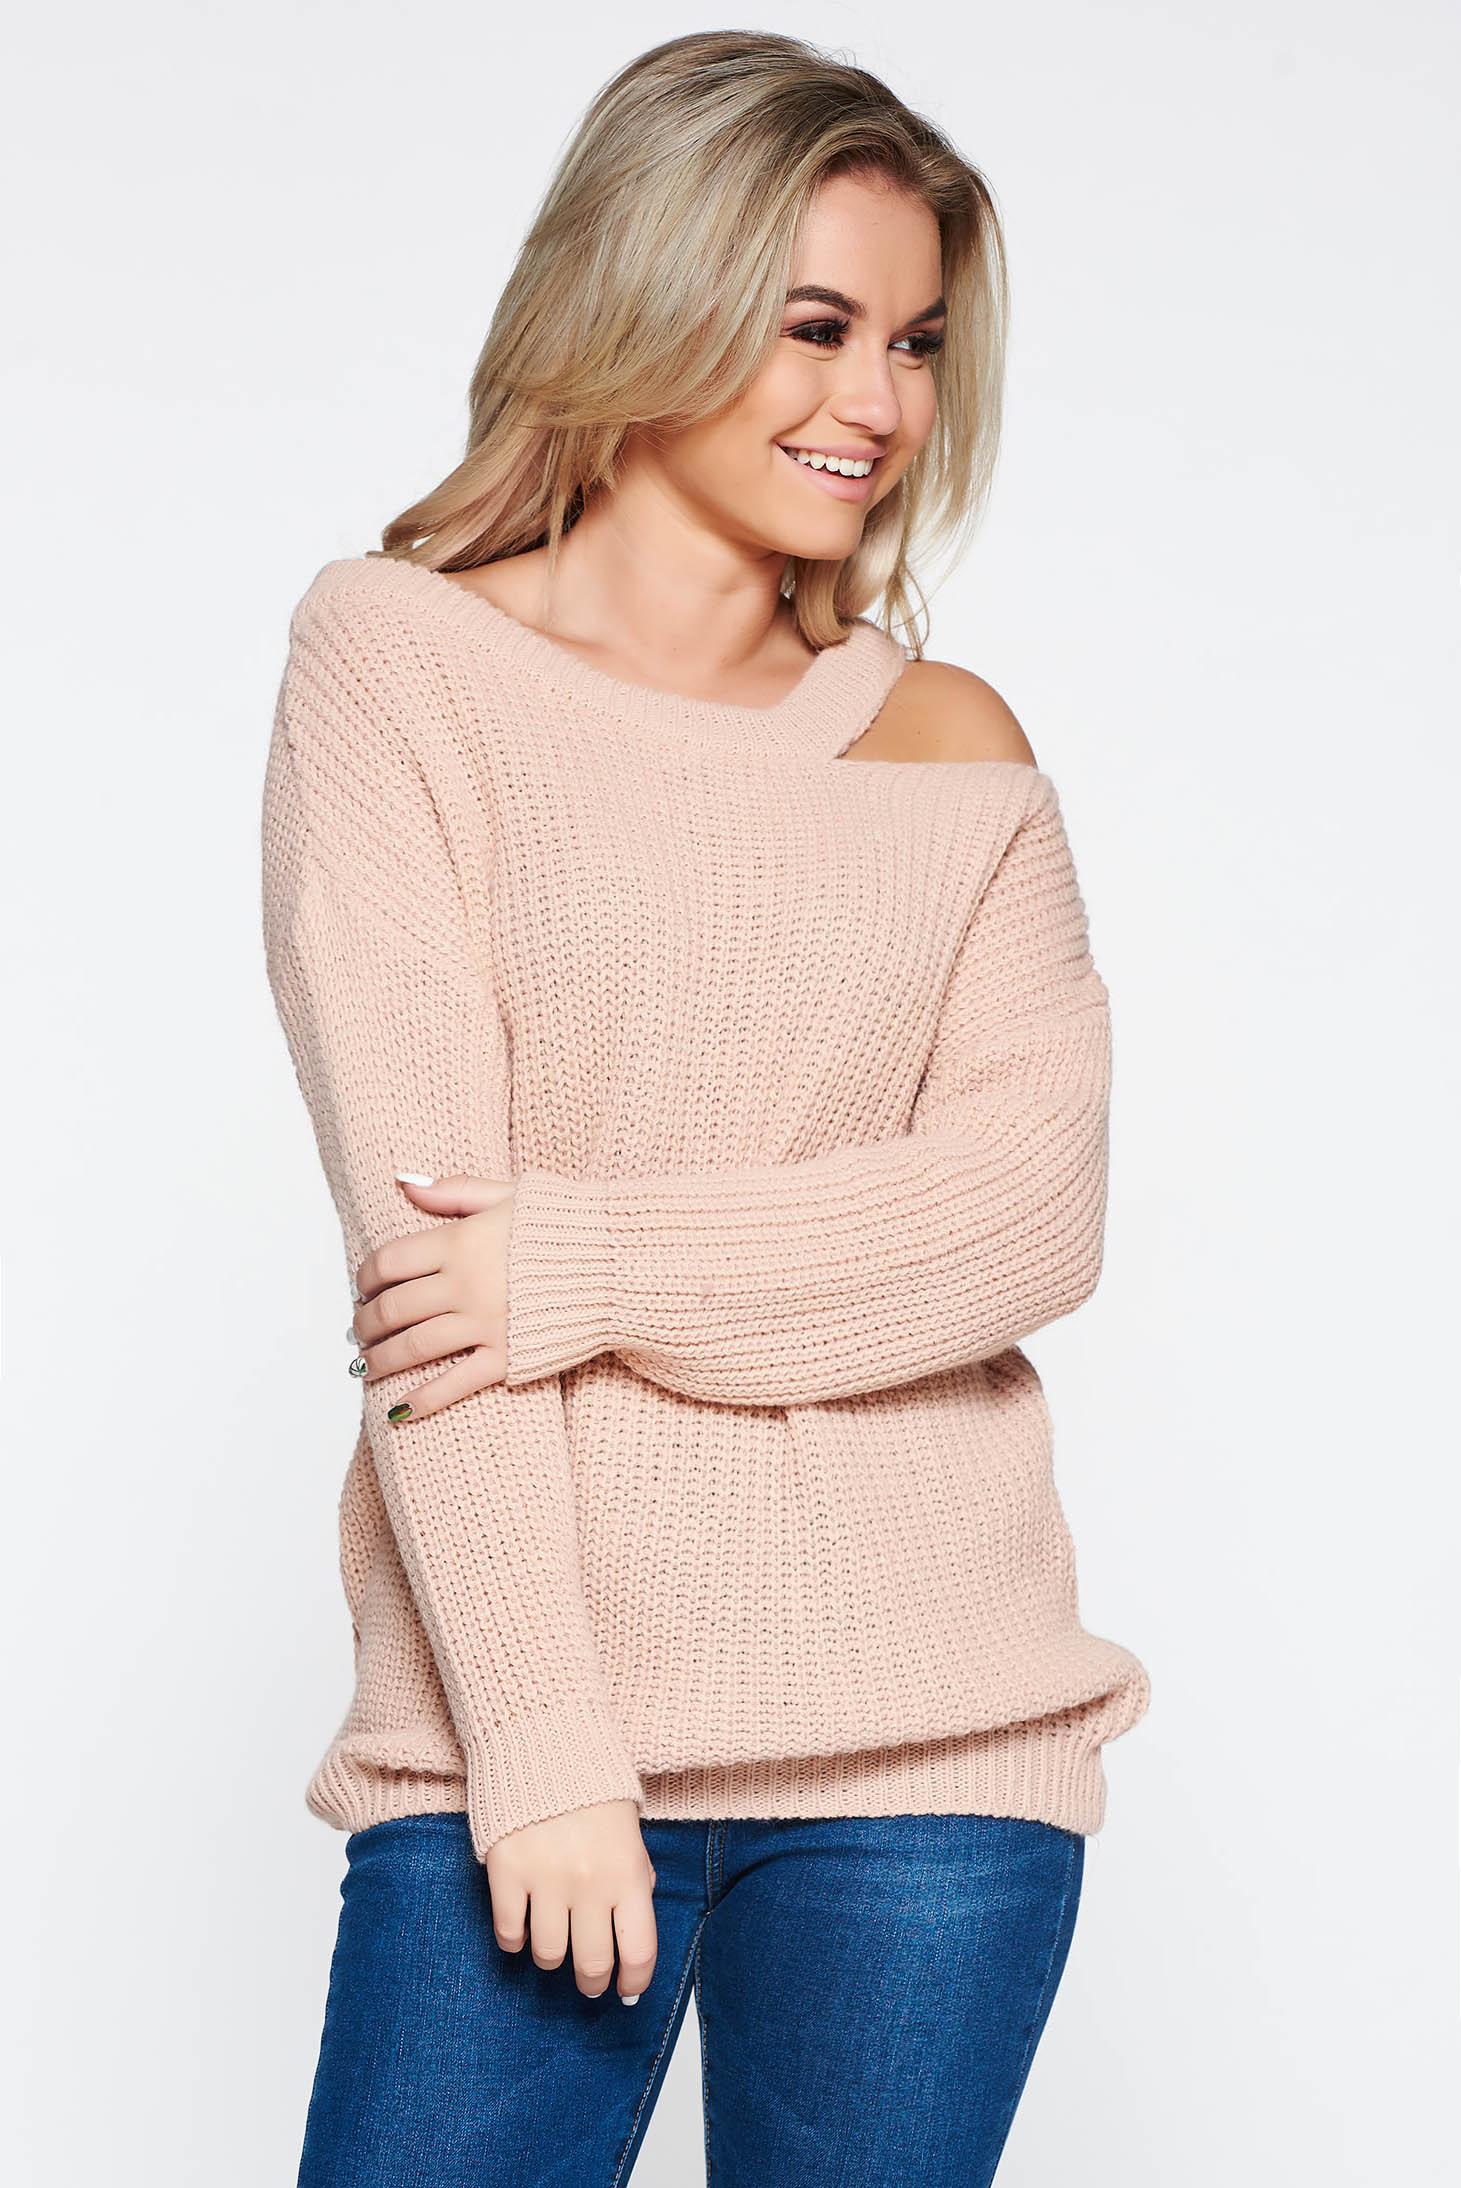 Rózsaszínű hétköznapi kötött bő szabású pulóver kivágott vállrésszel 23bcb72704